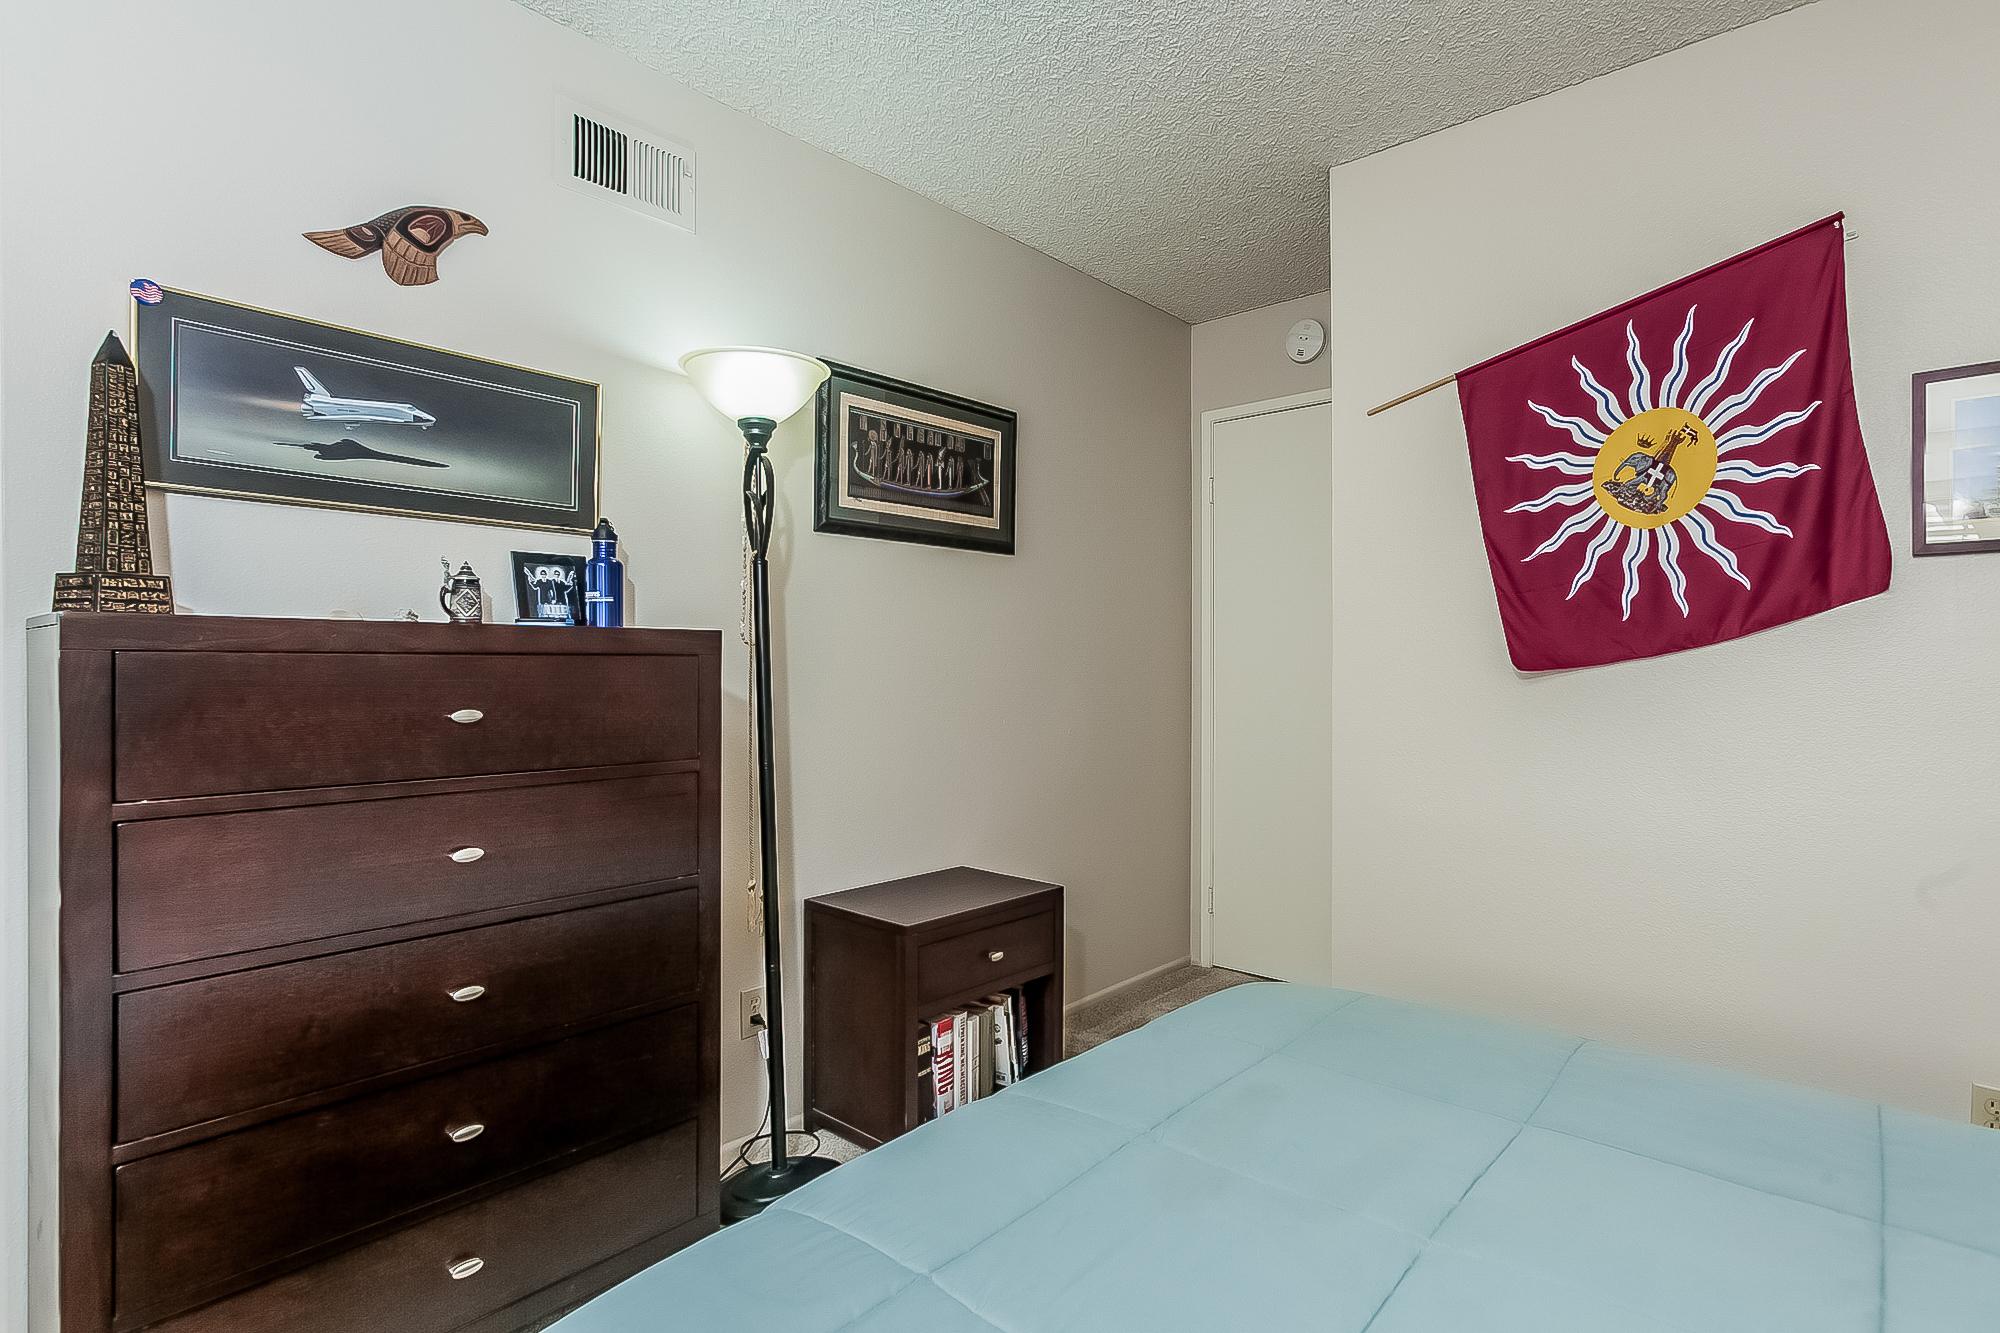 022-Bedroom-2687491-large.jpg